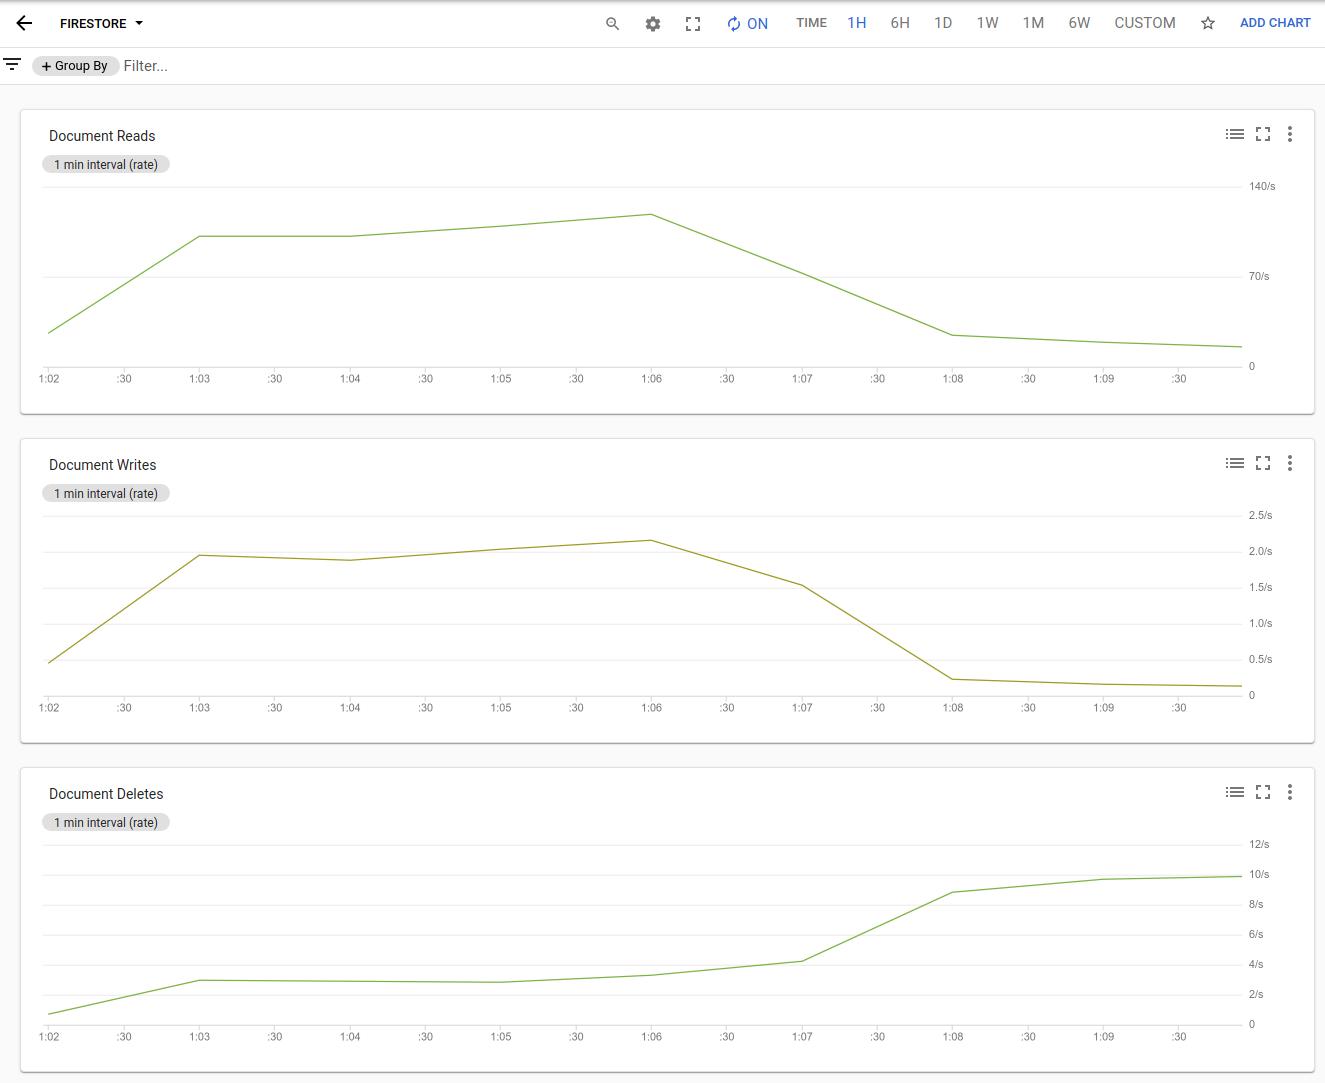 استخدام Cloud Firestore في لوحة معلومات المراقبة السحابية.